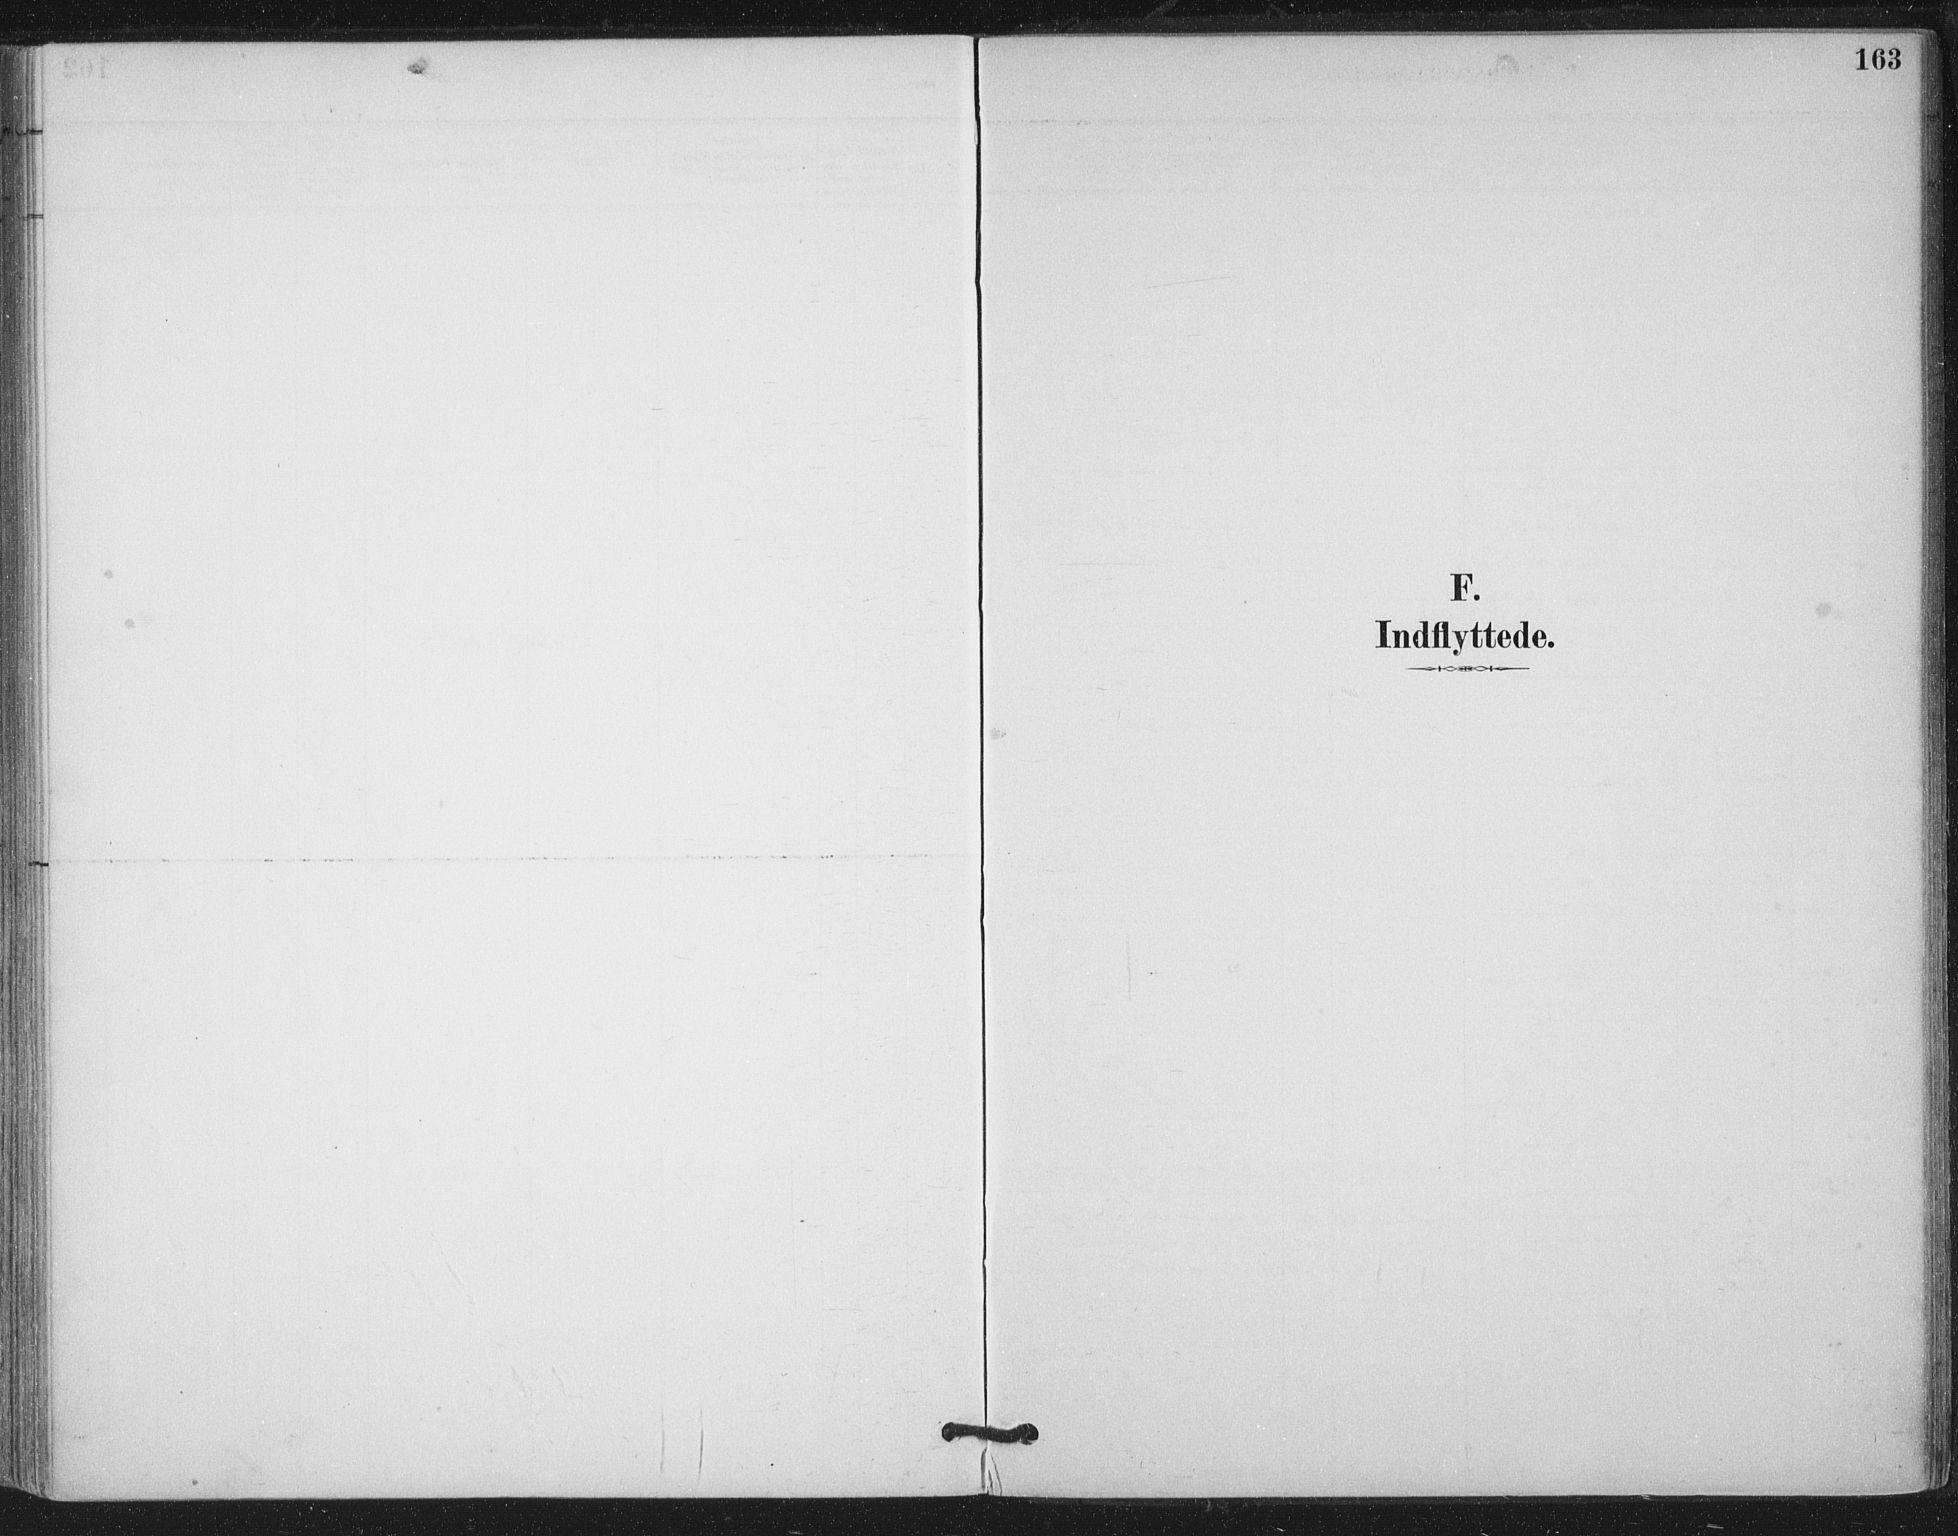 SAT, Ministerialprotokoller, klokkerbøker og fødselsregistre - Nord-Trøndelag, 780/L0644: Ministerialbok nr. 780A08, 1886-1903, s. 163